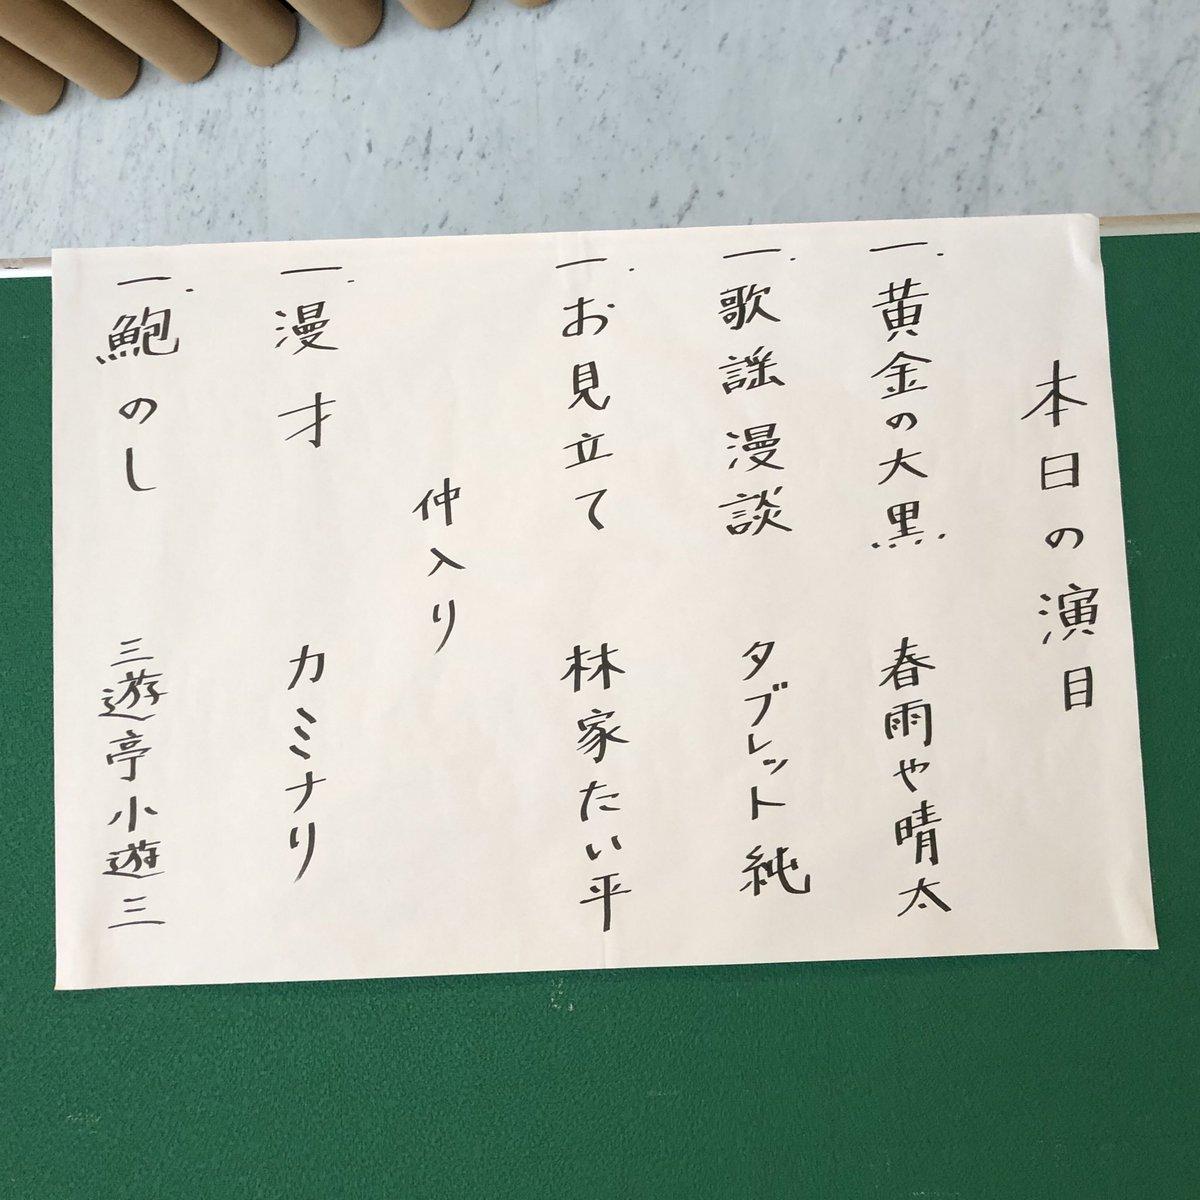 test ツイッターメディア - きのう6日(日)は、松戸の森のホール21で、小遊三さんとたい平さんの落語会。そして、カミナリとタブレット純さんも。 たい平さんもホールでの演目が被ってきたなぁ。小遊三さんもそれなりに見てるんだけど、演目ばらけてるかな。イェイ。 茨城県民としては、ついにカミナリ見れてうれしかったです。 https://t.co/qnzqrhWWhE